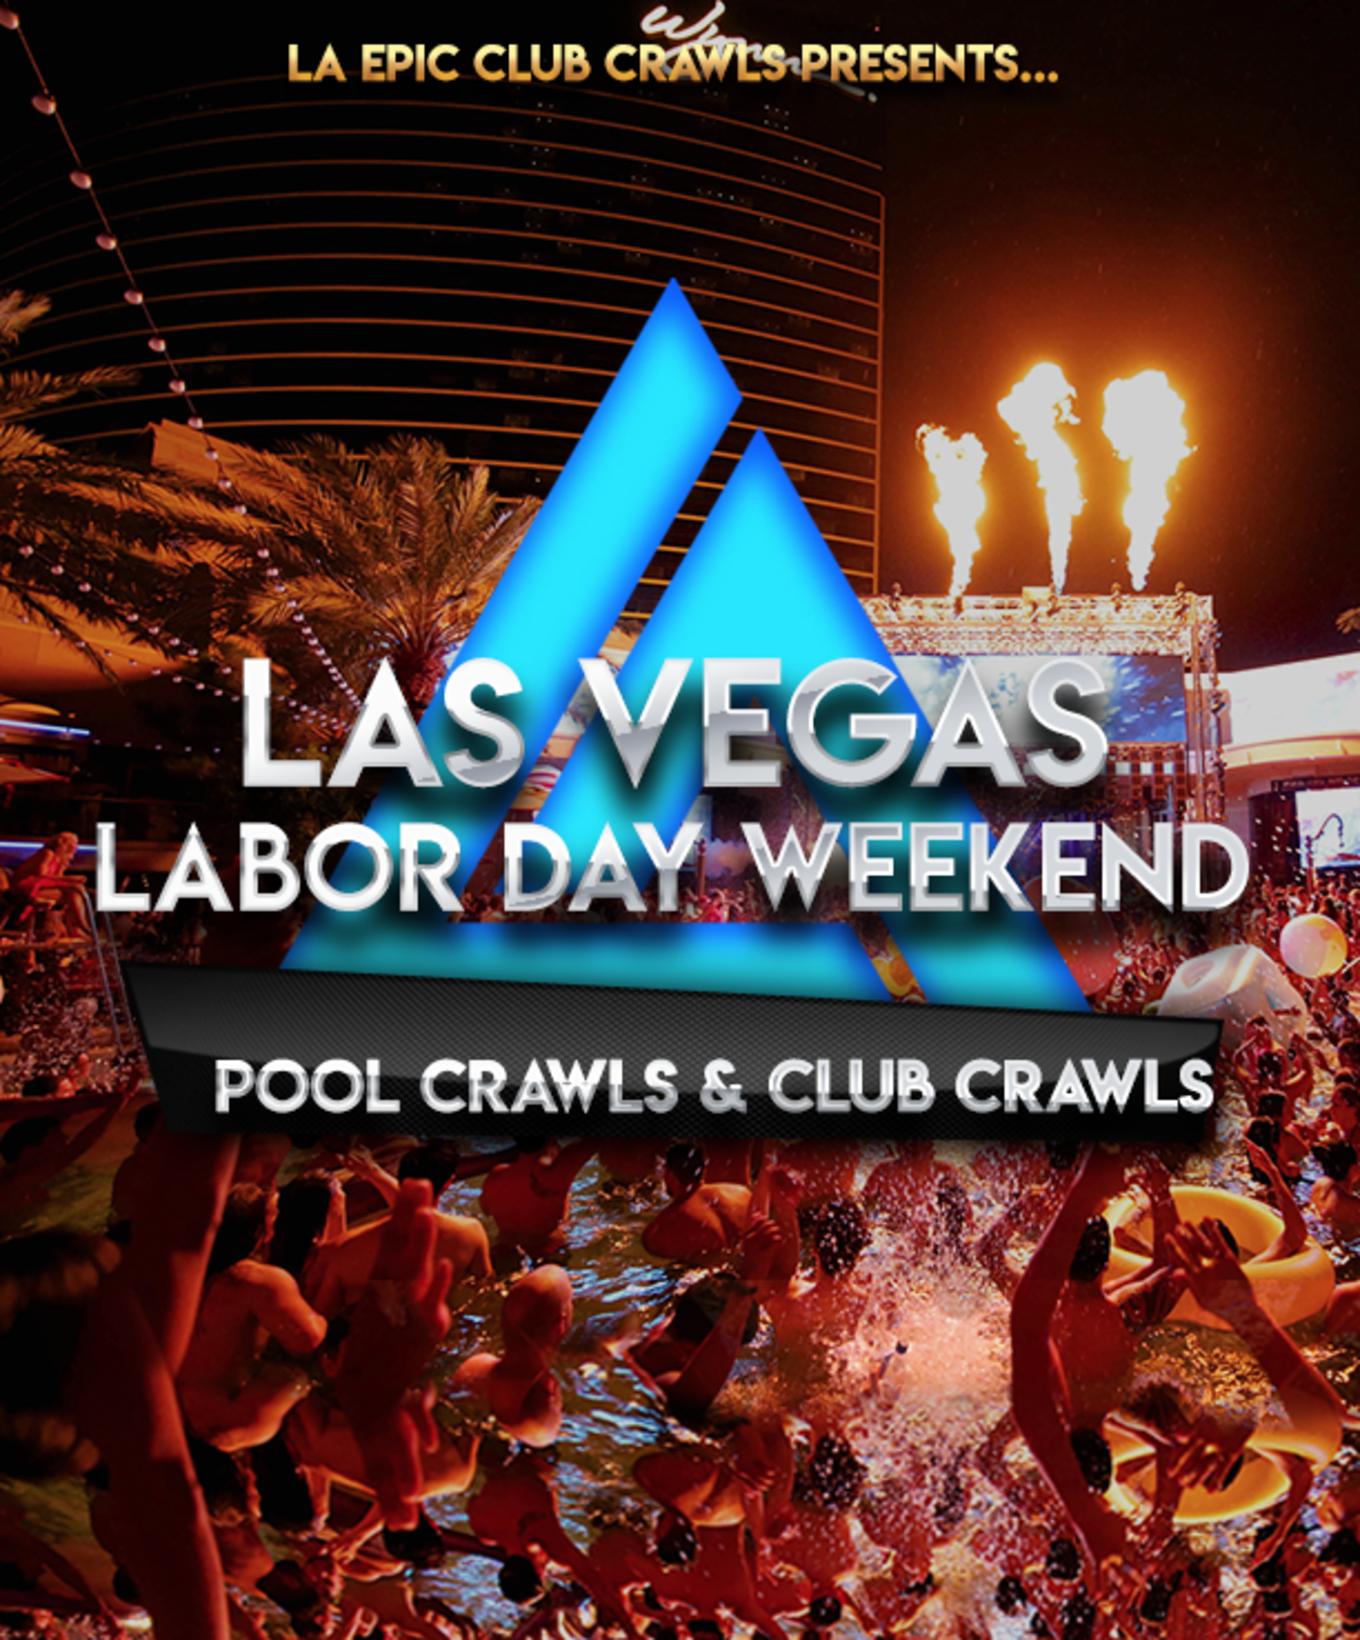 Las Vegas Labor Day Weekend Pool Crawls Club Crawls Tickets